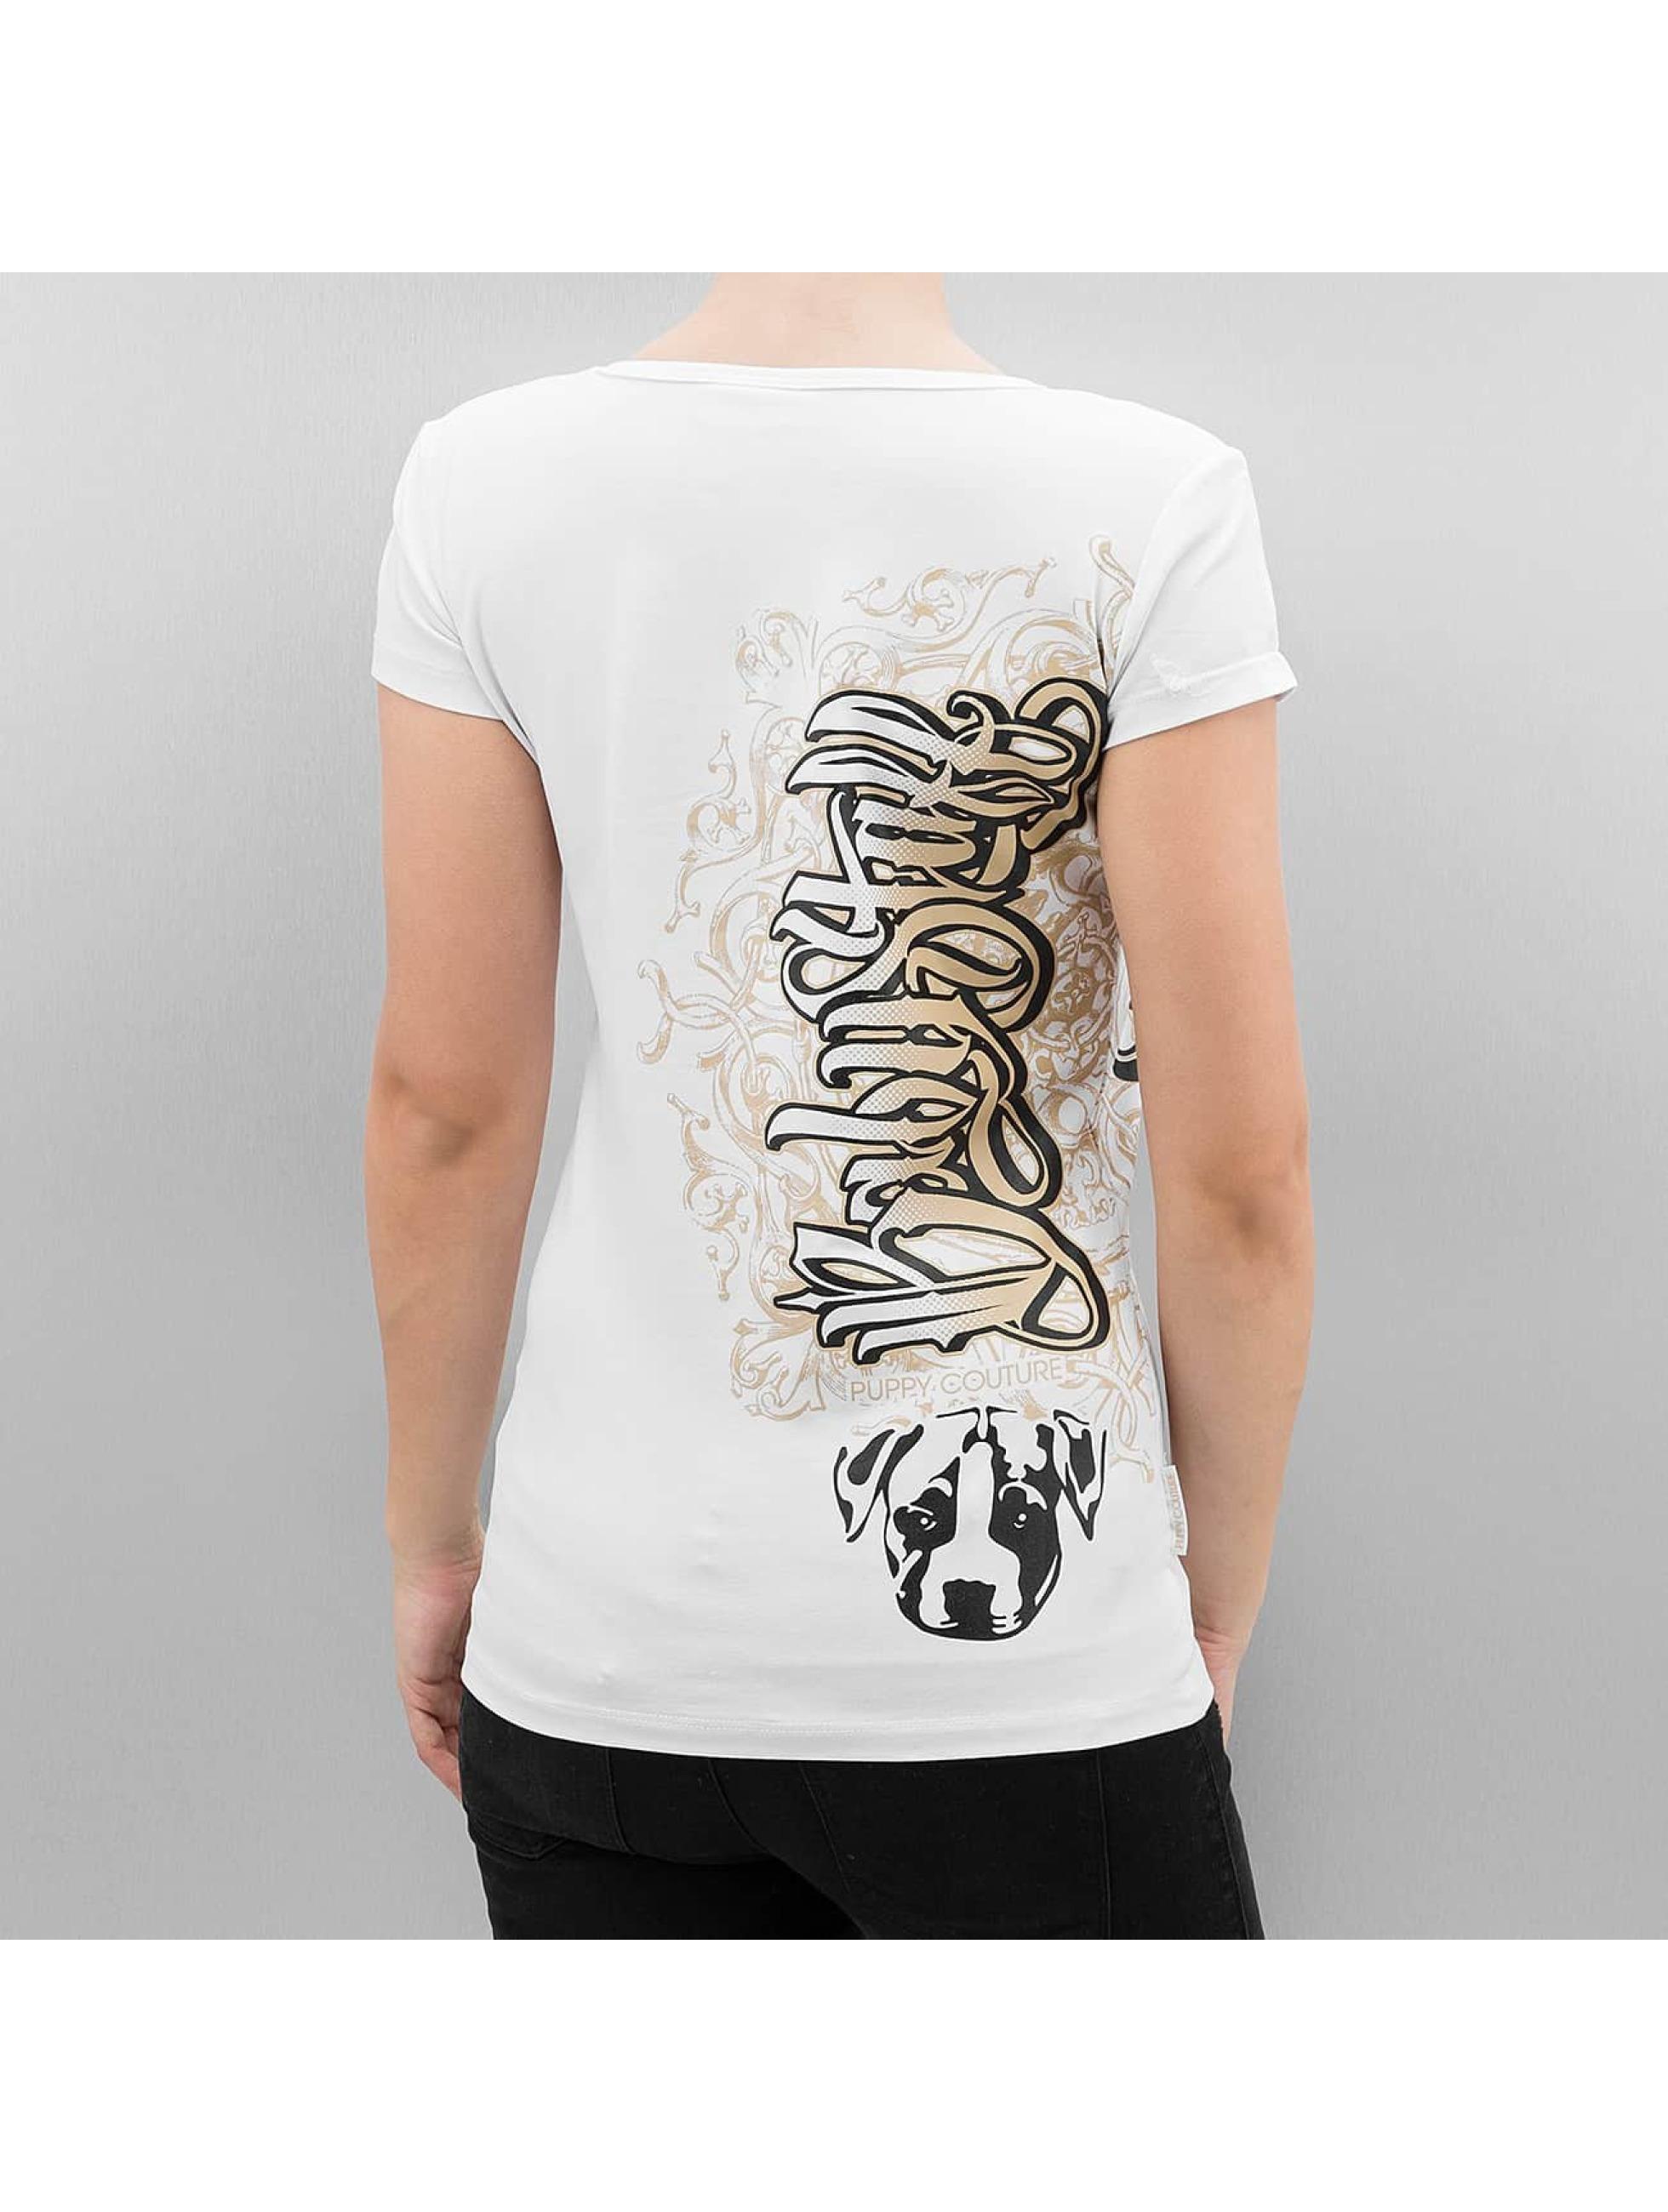 Babystaff Frauen T-Shirt Daxima in weiß